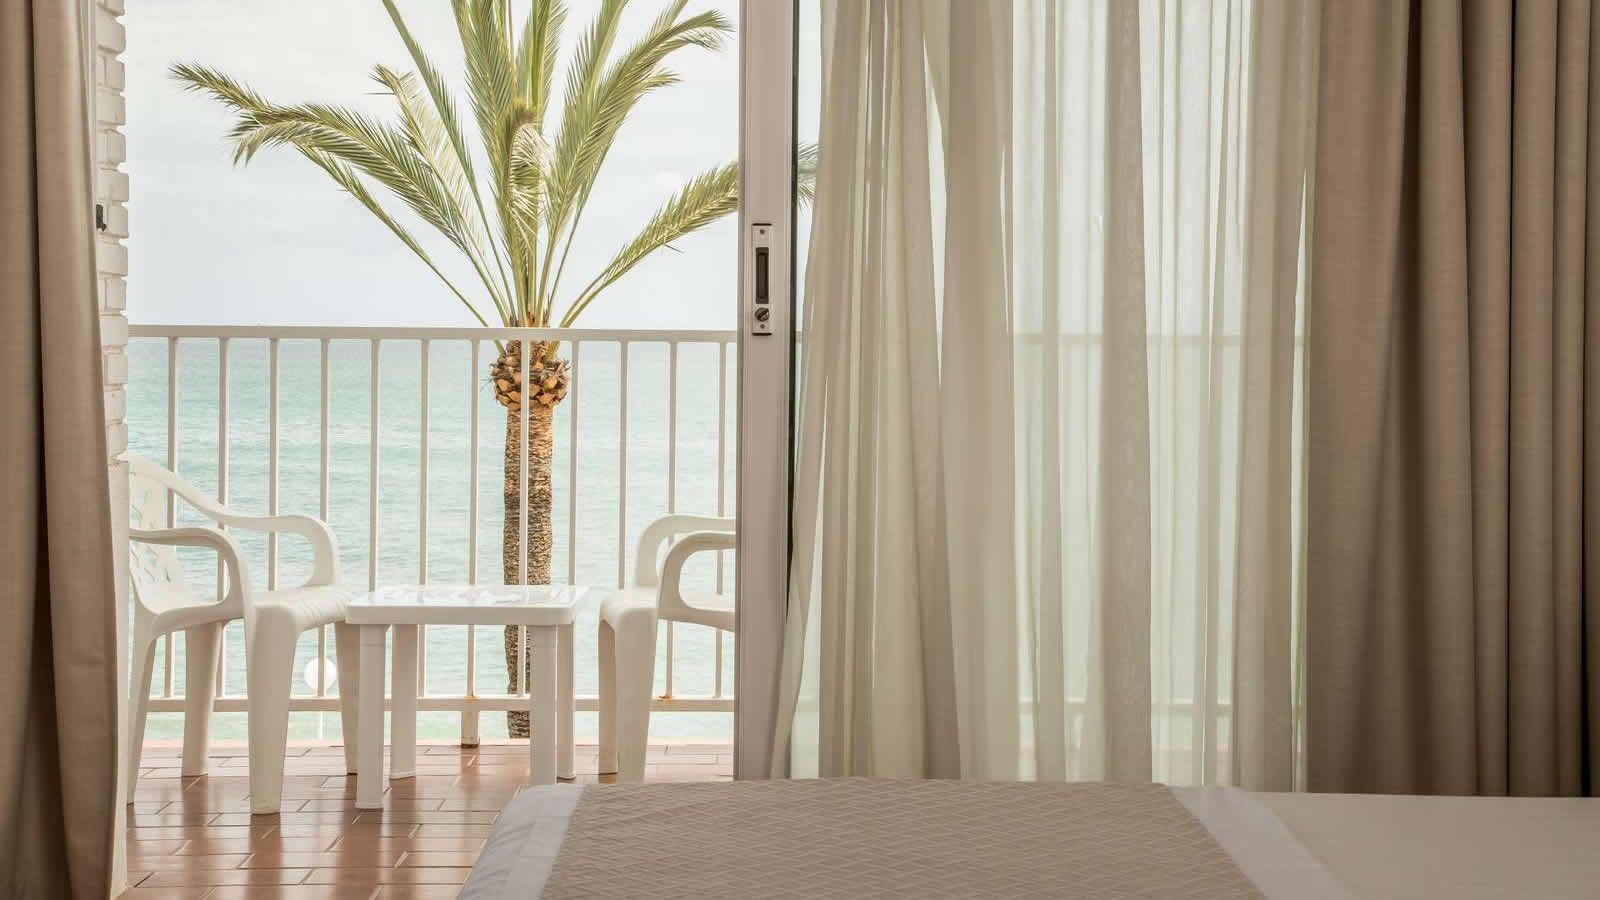 Habitació Triple de l'Hotel Carlos III a Alcanar - Sant Carles de la Ràpita - Delta del Ebro